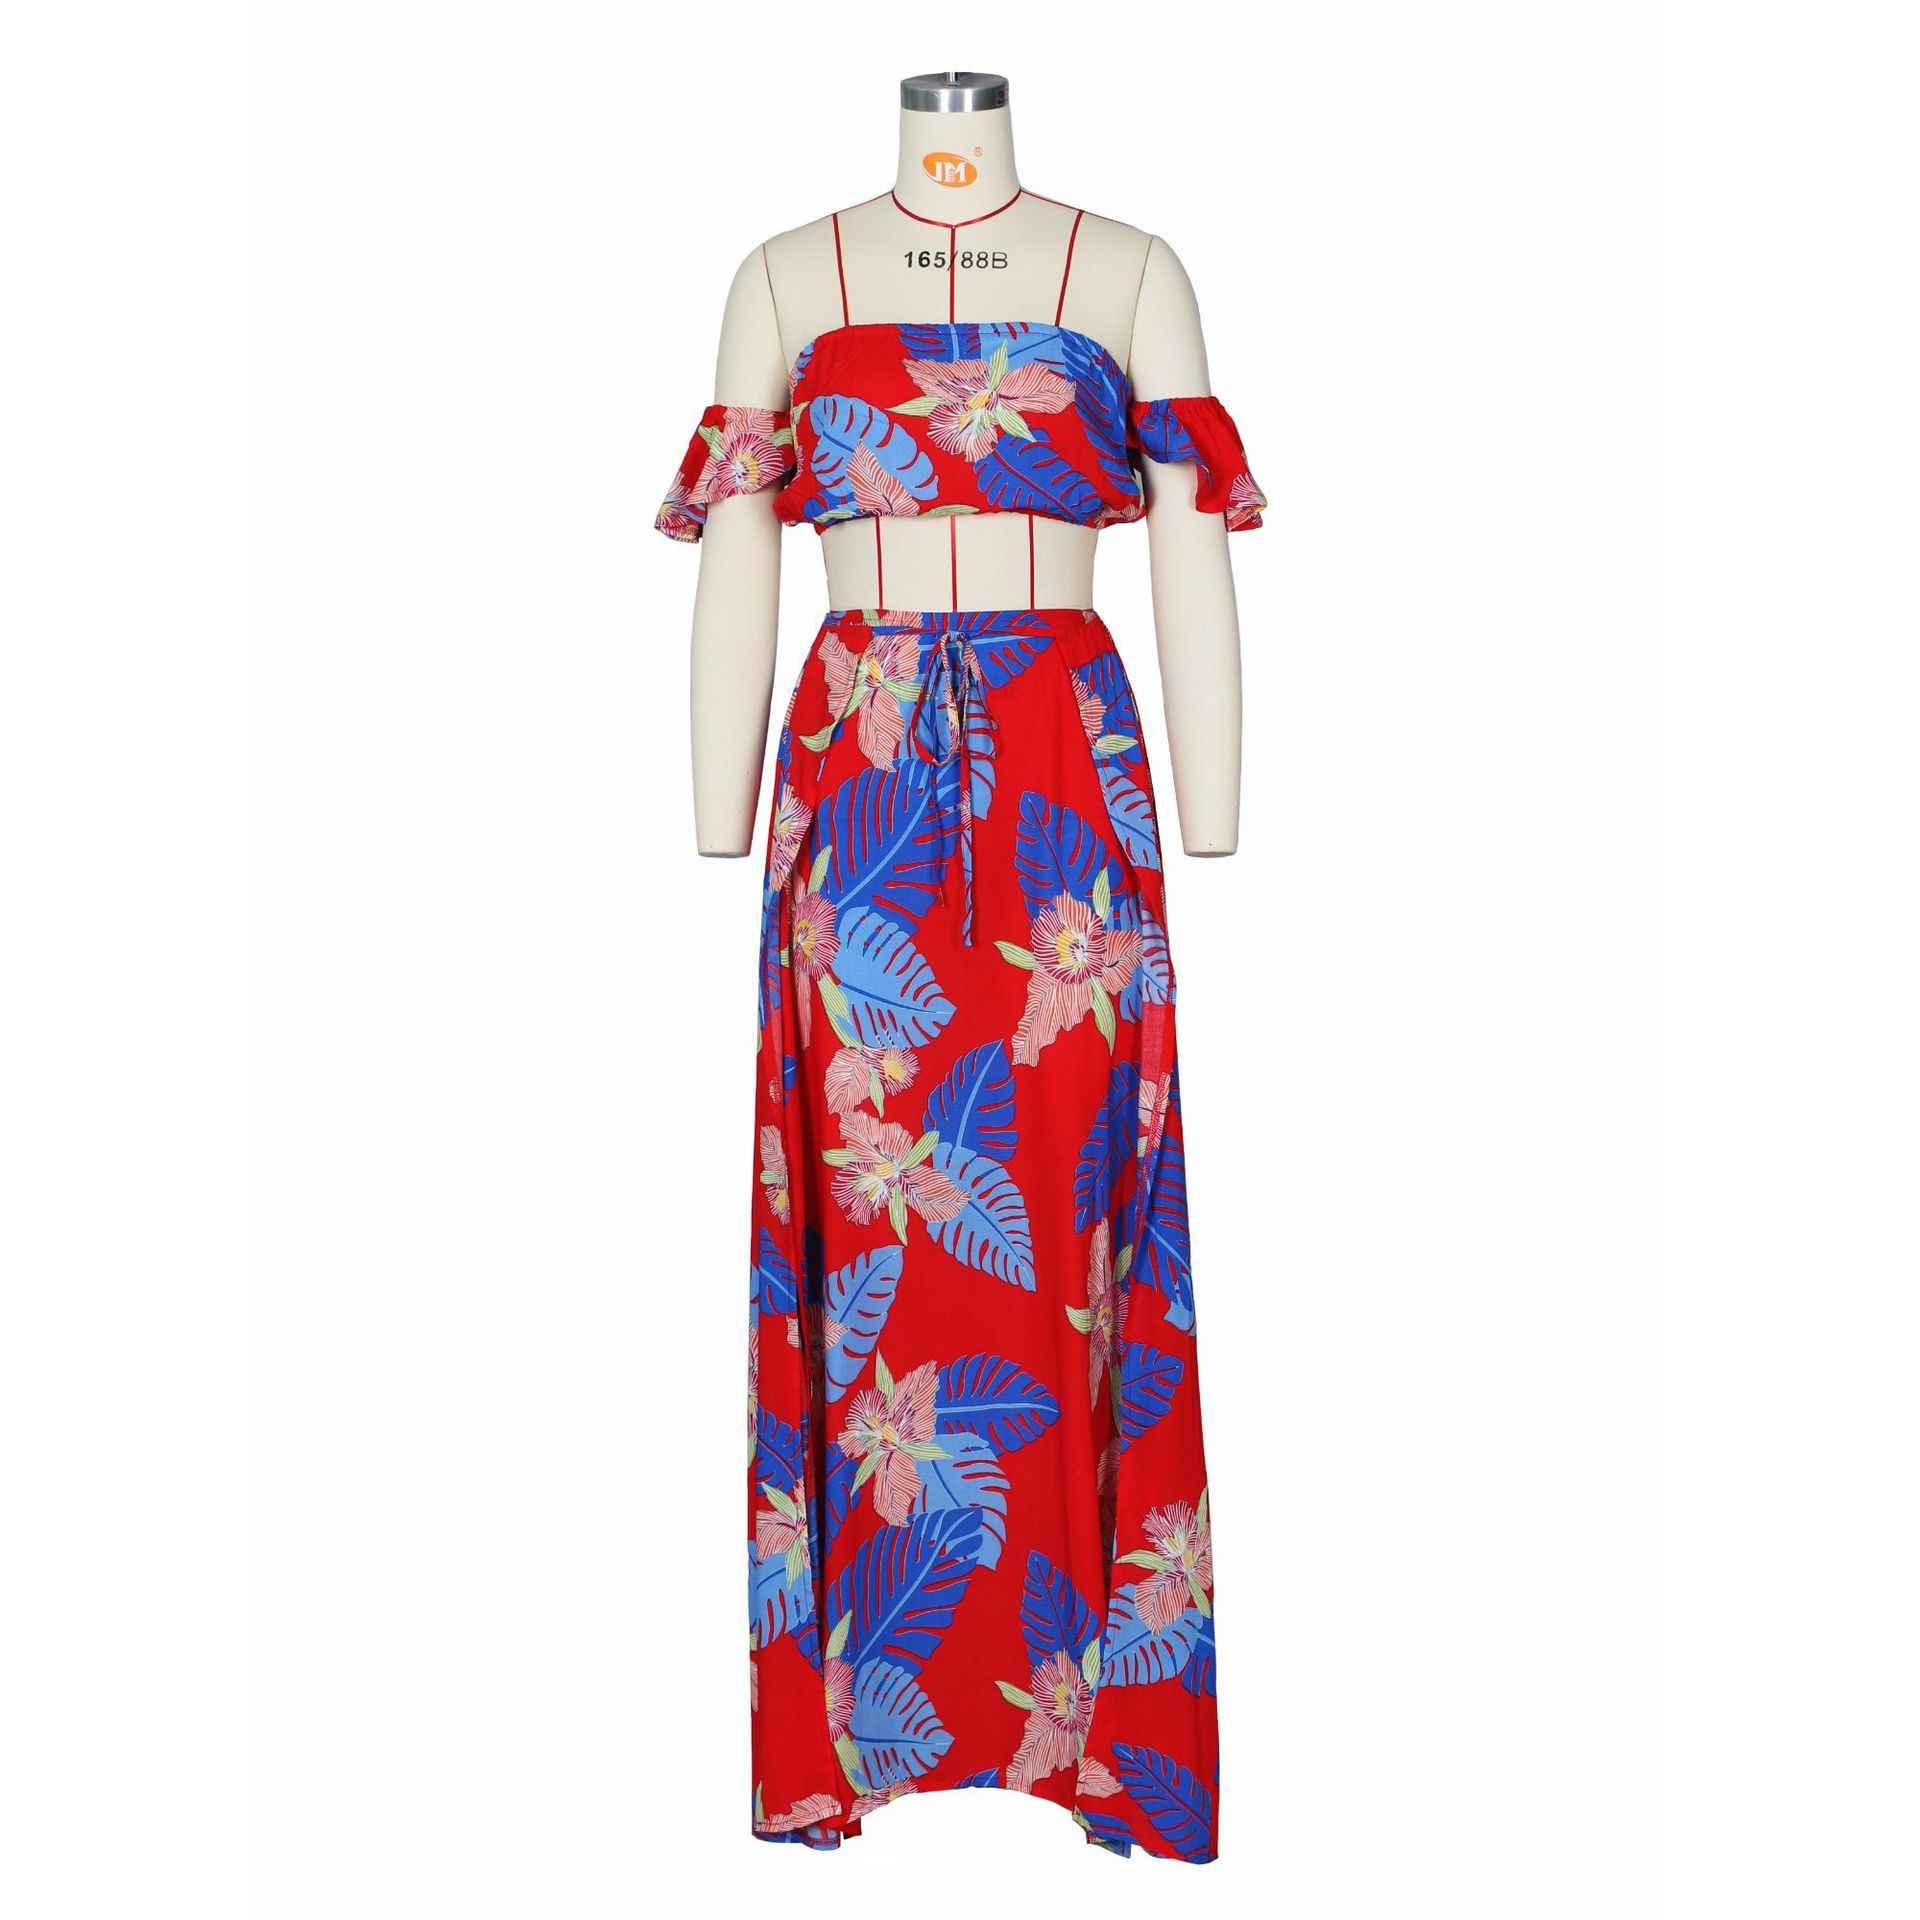 2019 yaz iki parçalı Set kadınlar seksi kapalı omuz Ruffles kırpma üst etek çiçek baskı 2 parça takım elbise çiçek baskı kadın rahat